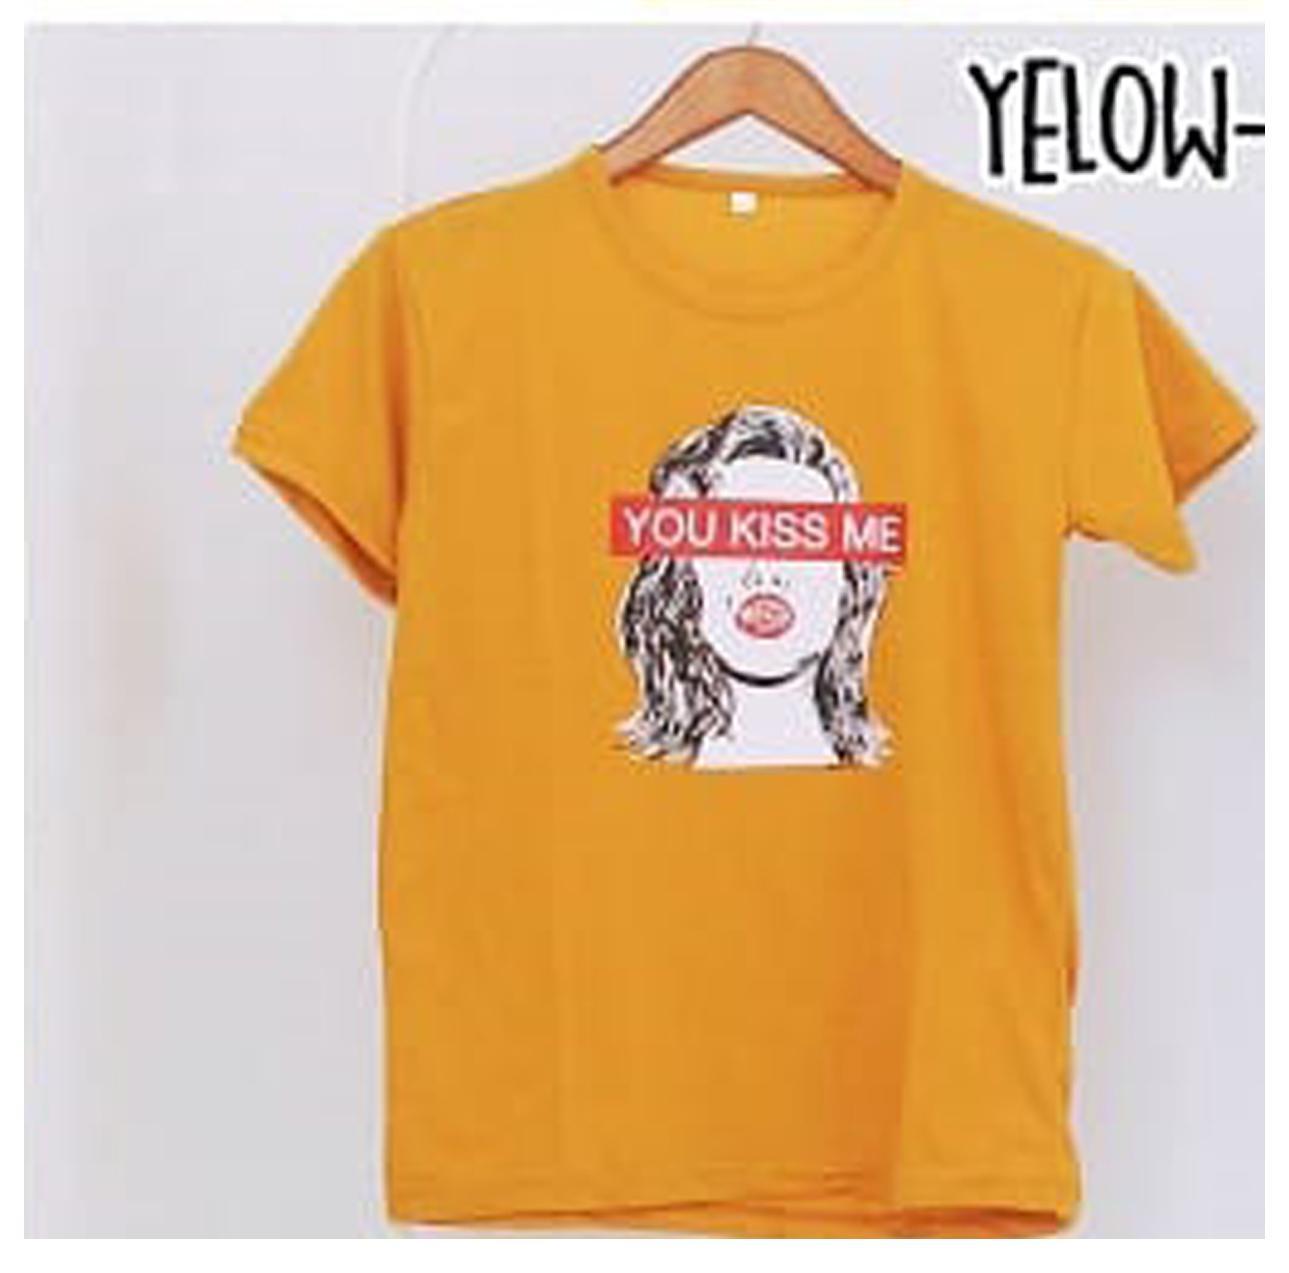 PROMO KaosLokal- Pusat Jual Kaos Murah Cewek Tumblr Tee - You Kiss Me Kuning Oblong Keren